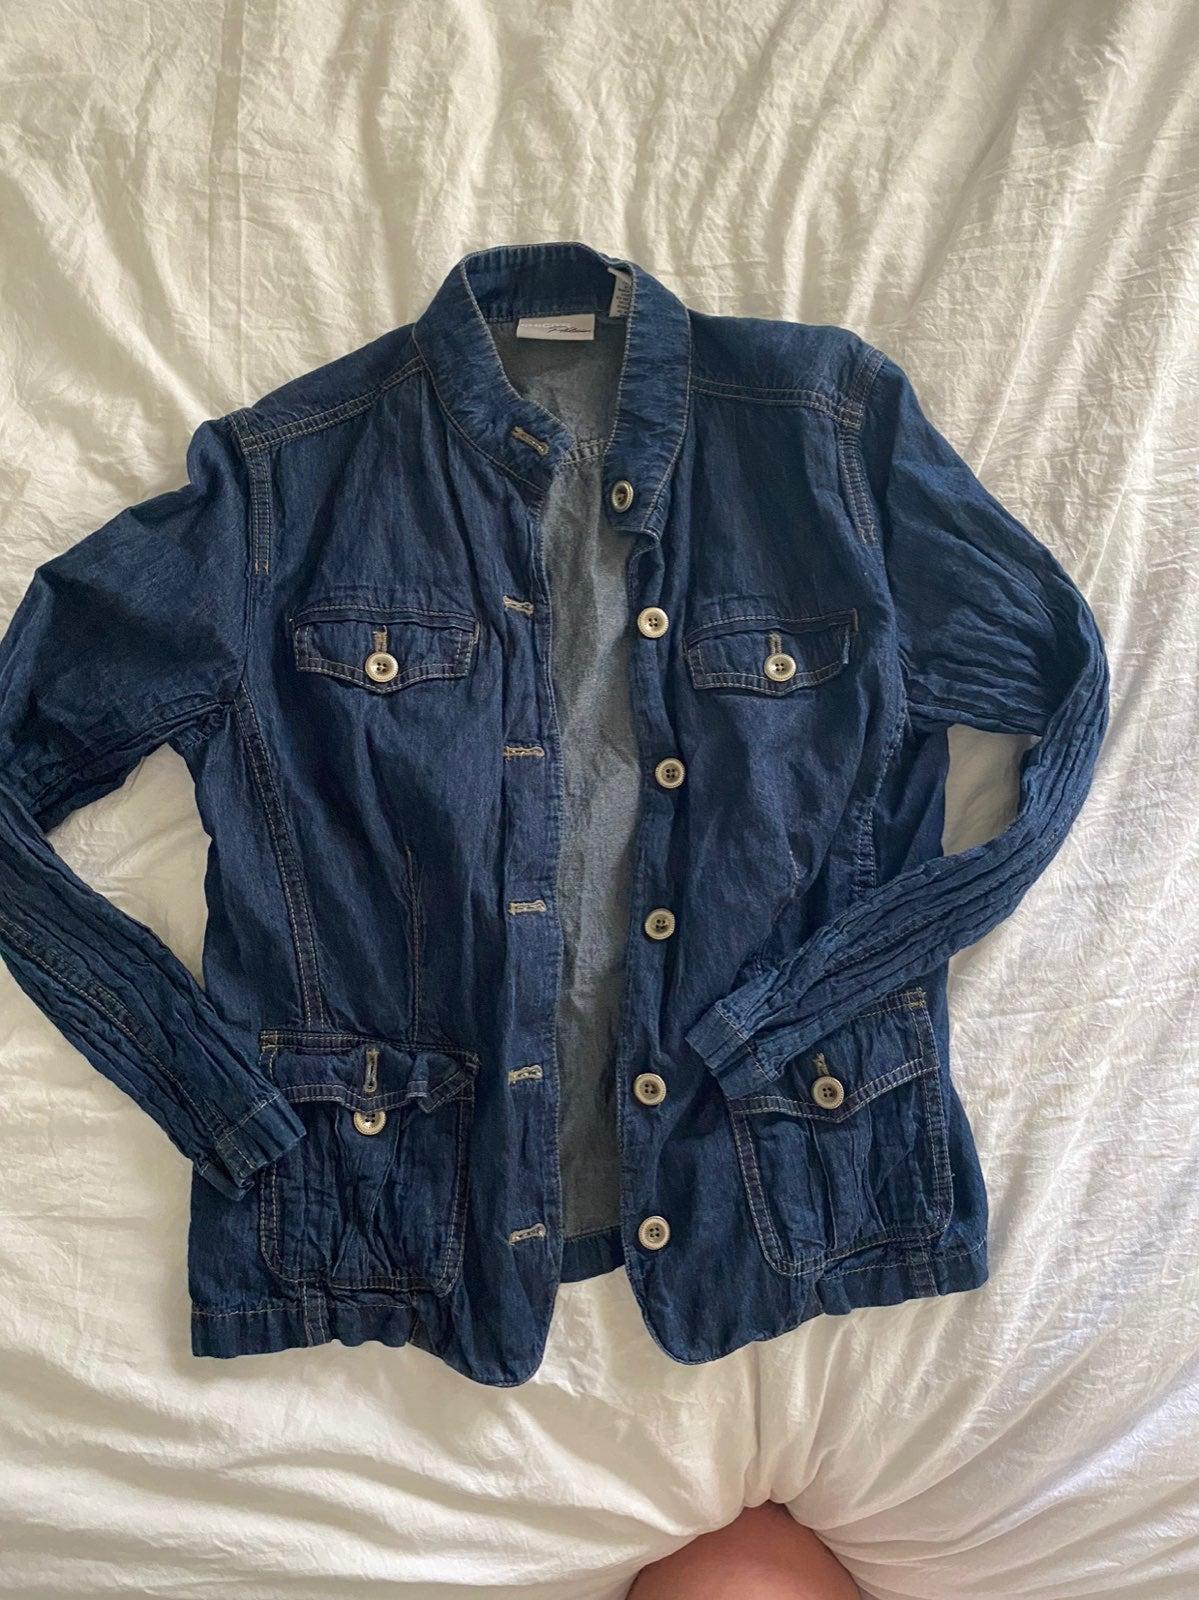 Chicos platinum denim jacket